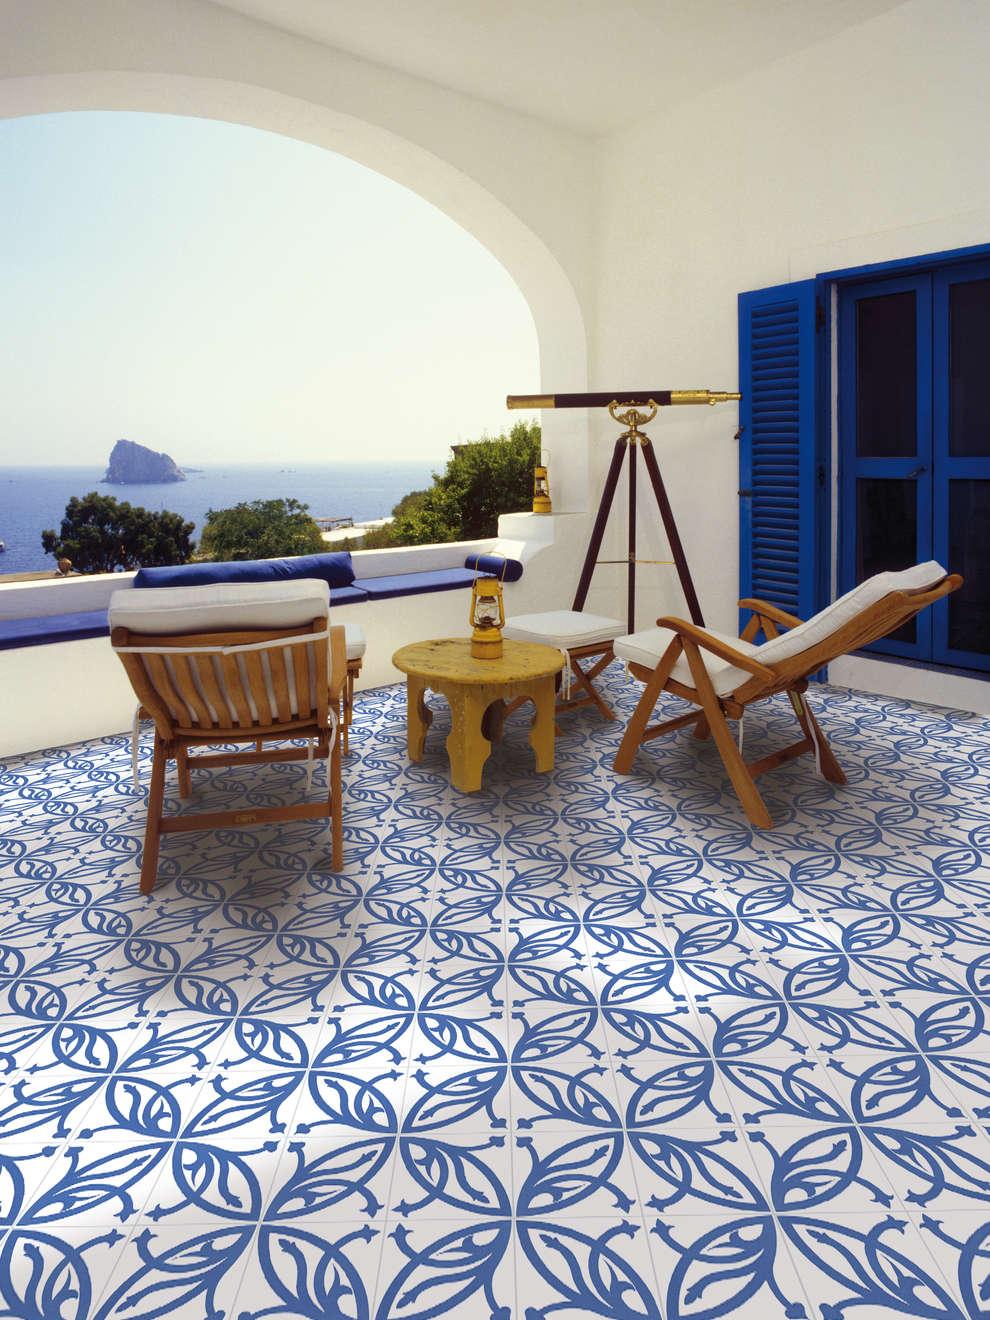 9 pisos para tu patio demasiado bellos para ser reales ForModelos De Ceramicas Para Terrazas